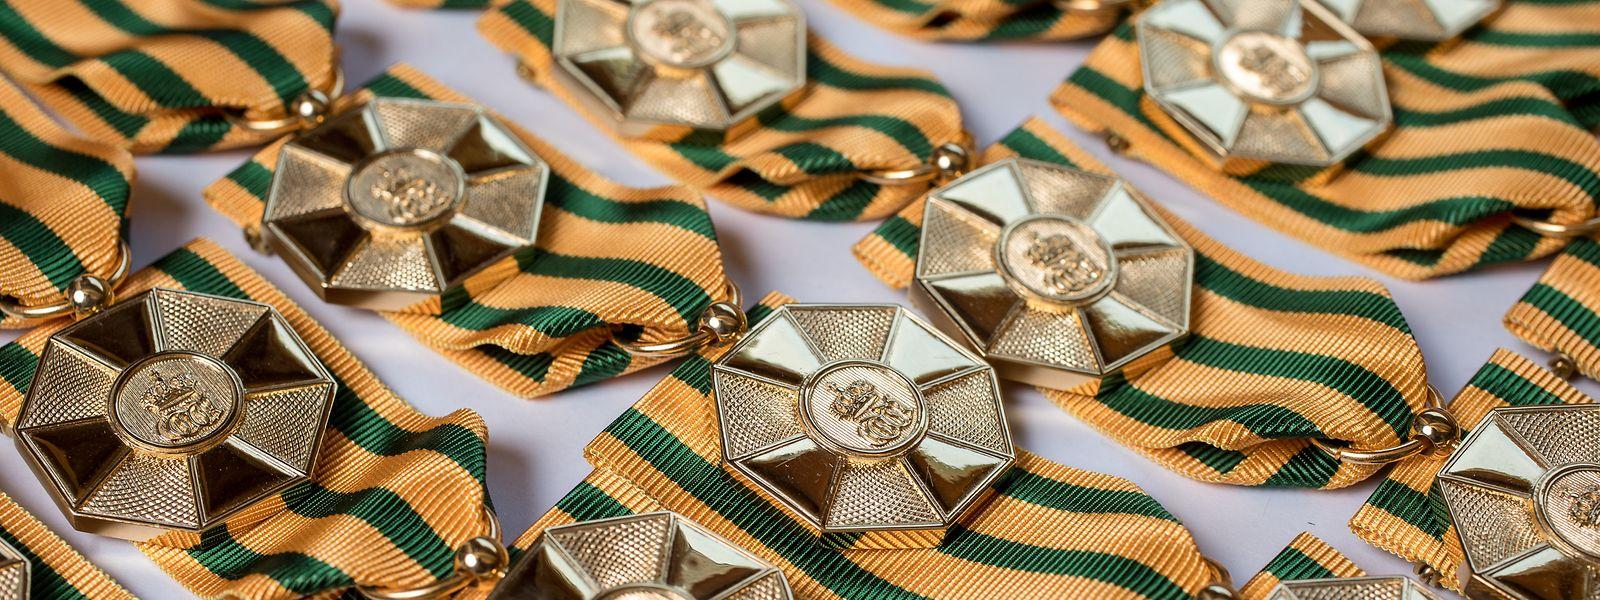 Wer würde sich nicht darüber freuen, eine Medaille zu bekommen? Doch zukünftige Träger müssen einige Voraussetzungen erfüllen.